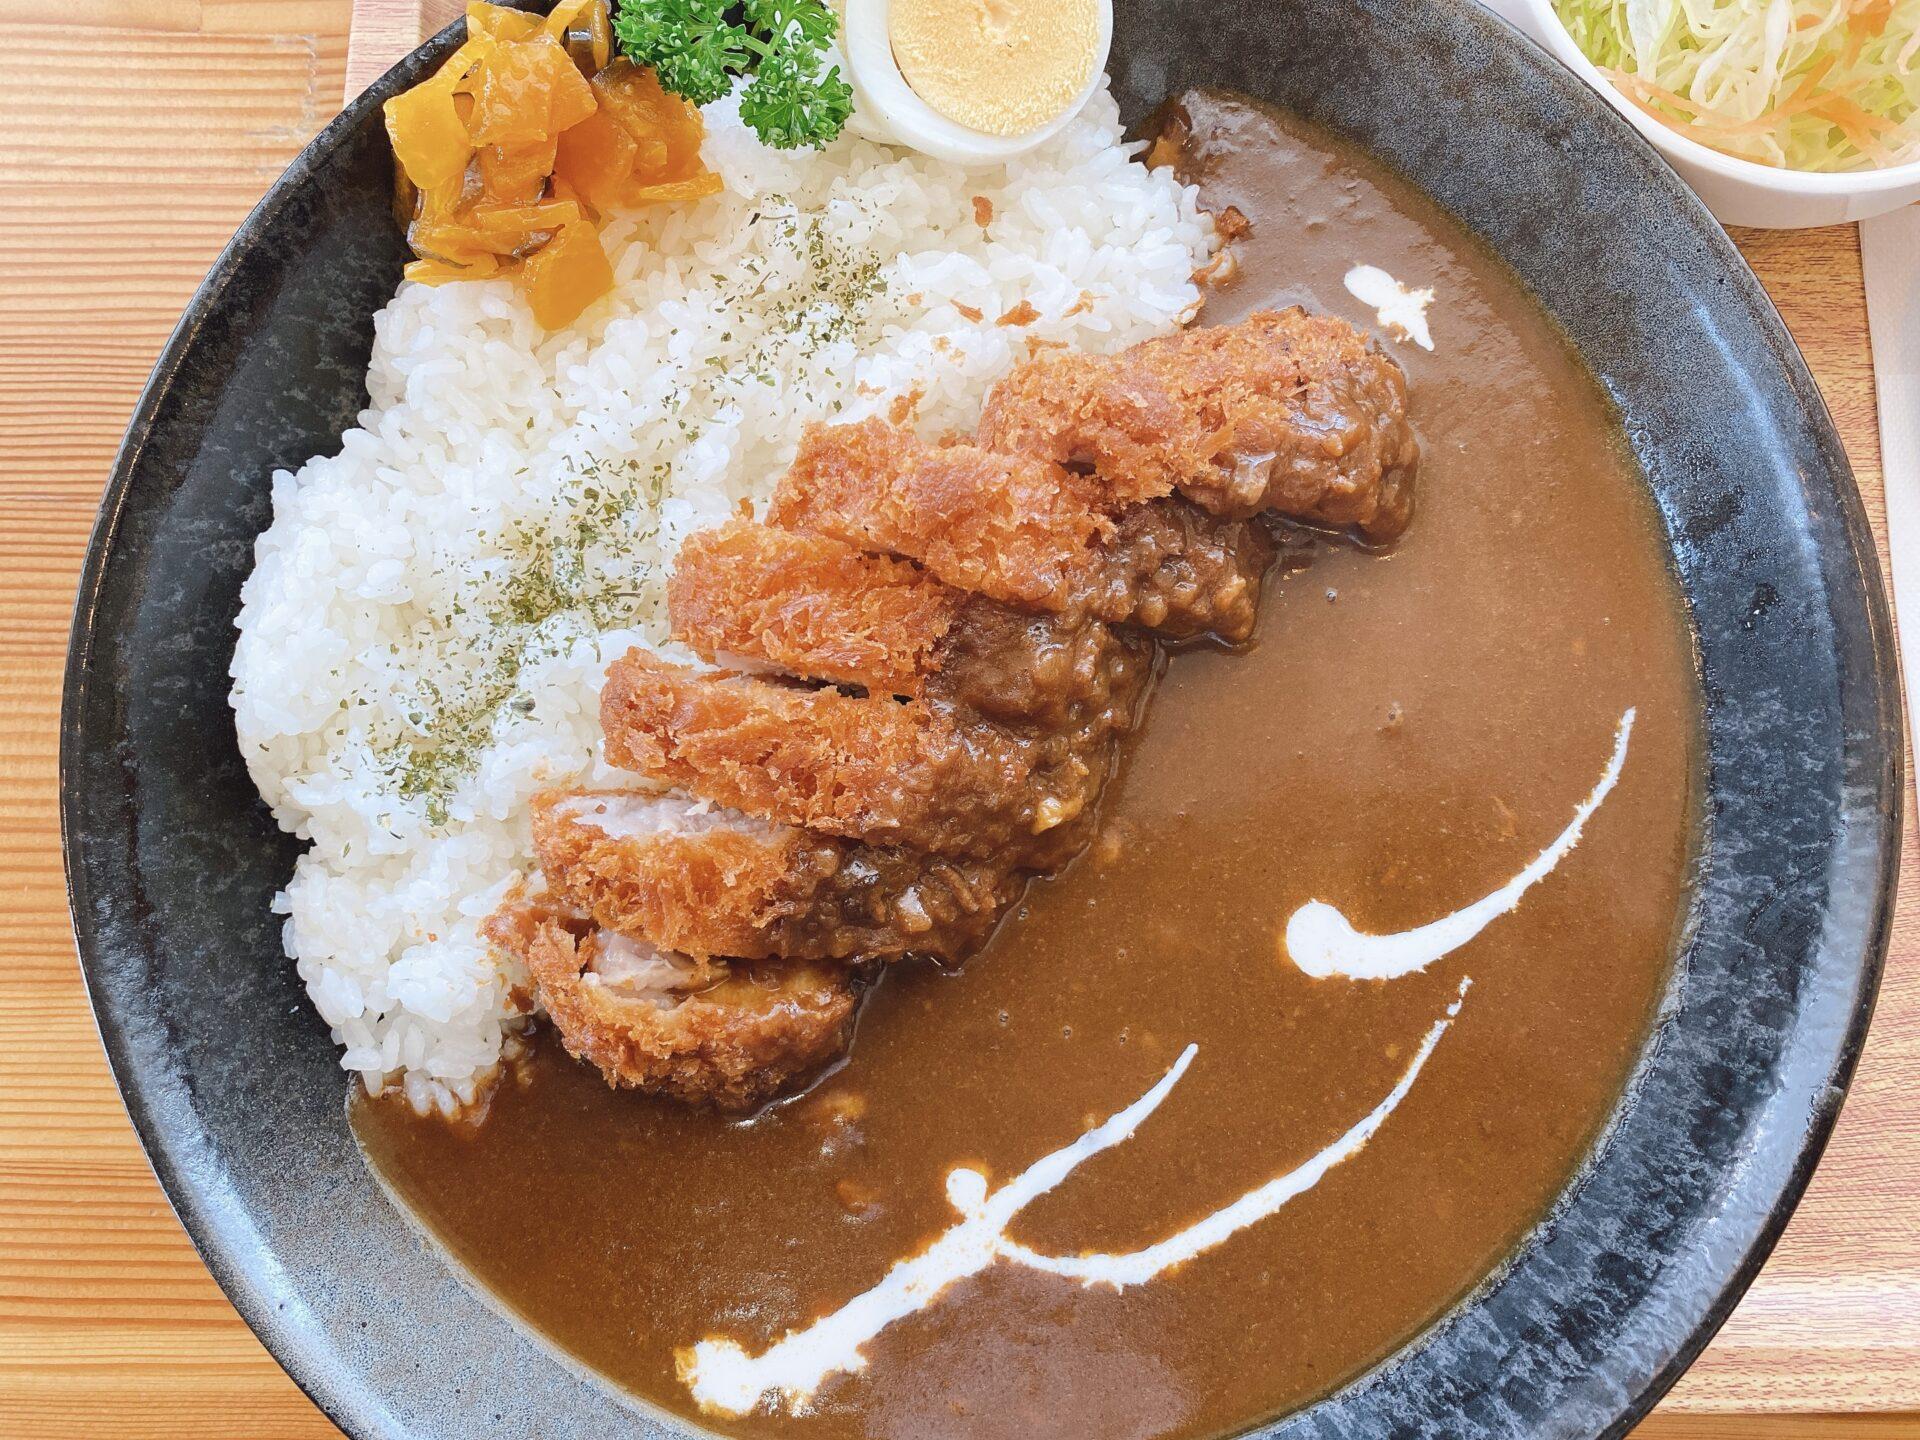 西大寺駅から車で5分【カフェレスト ニューオーレ】トンカツフェアで食べたランチはカツカレー!欧風カレーがお腹を満たす~